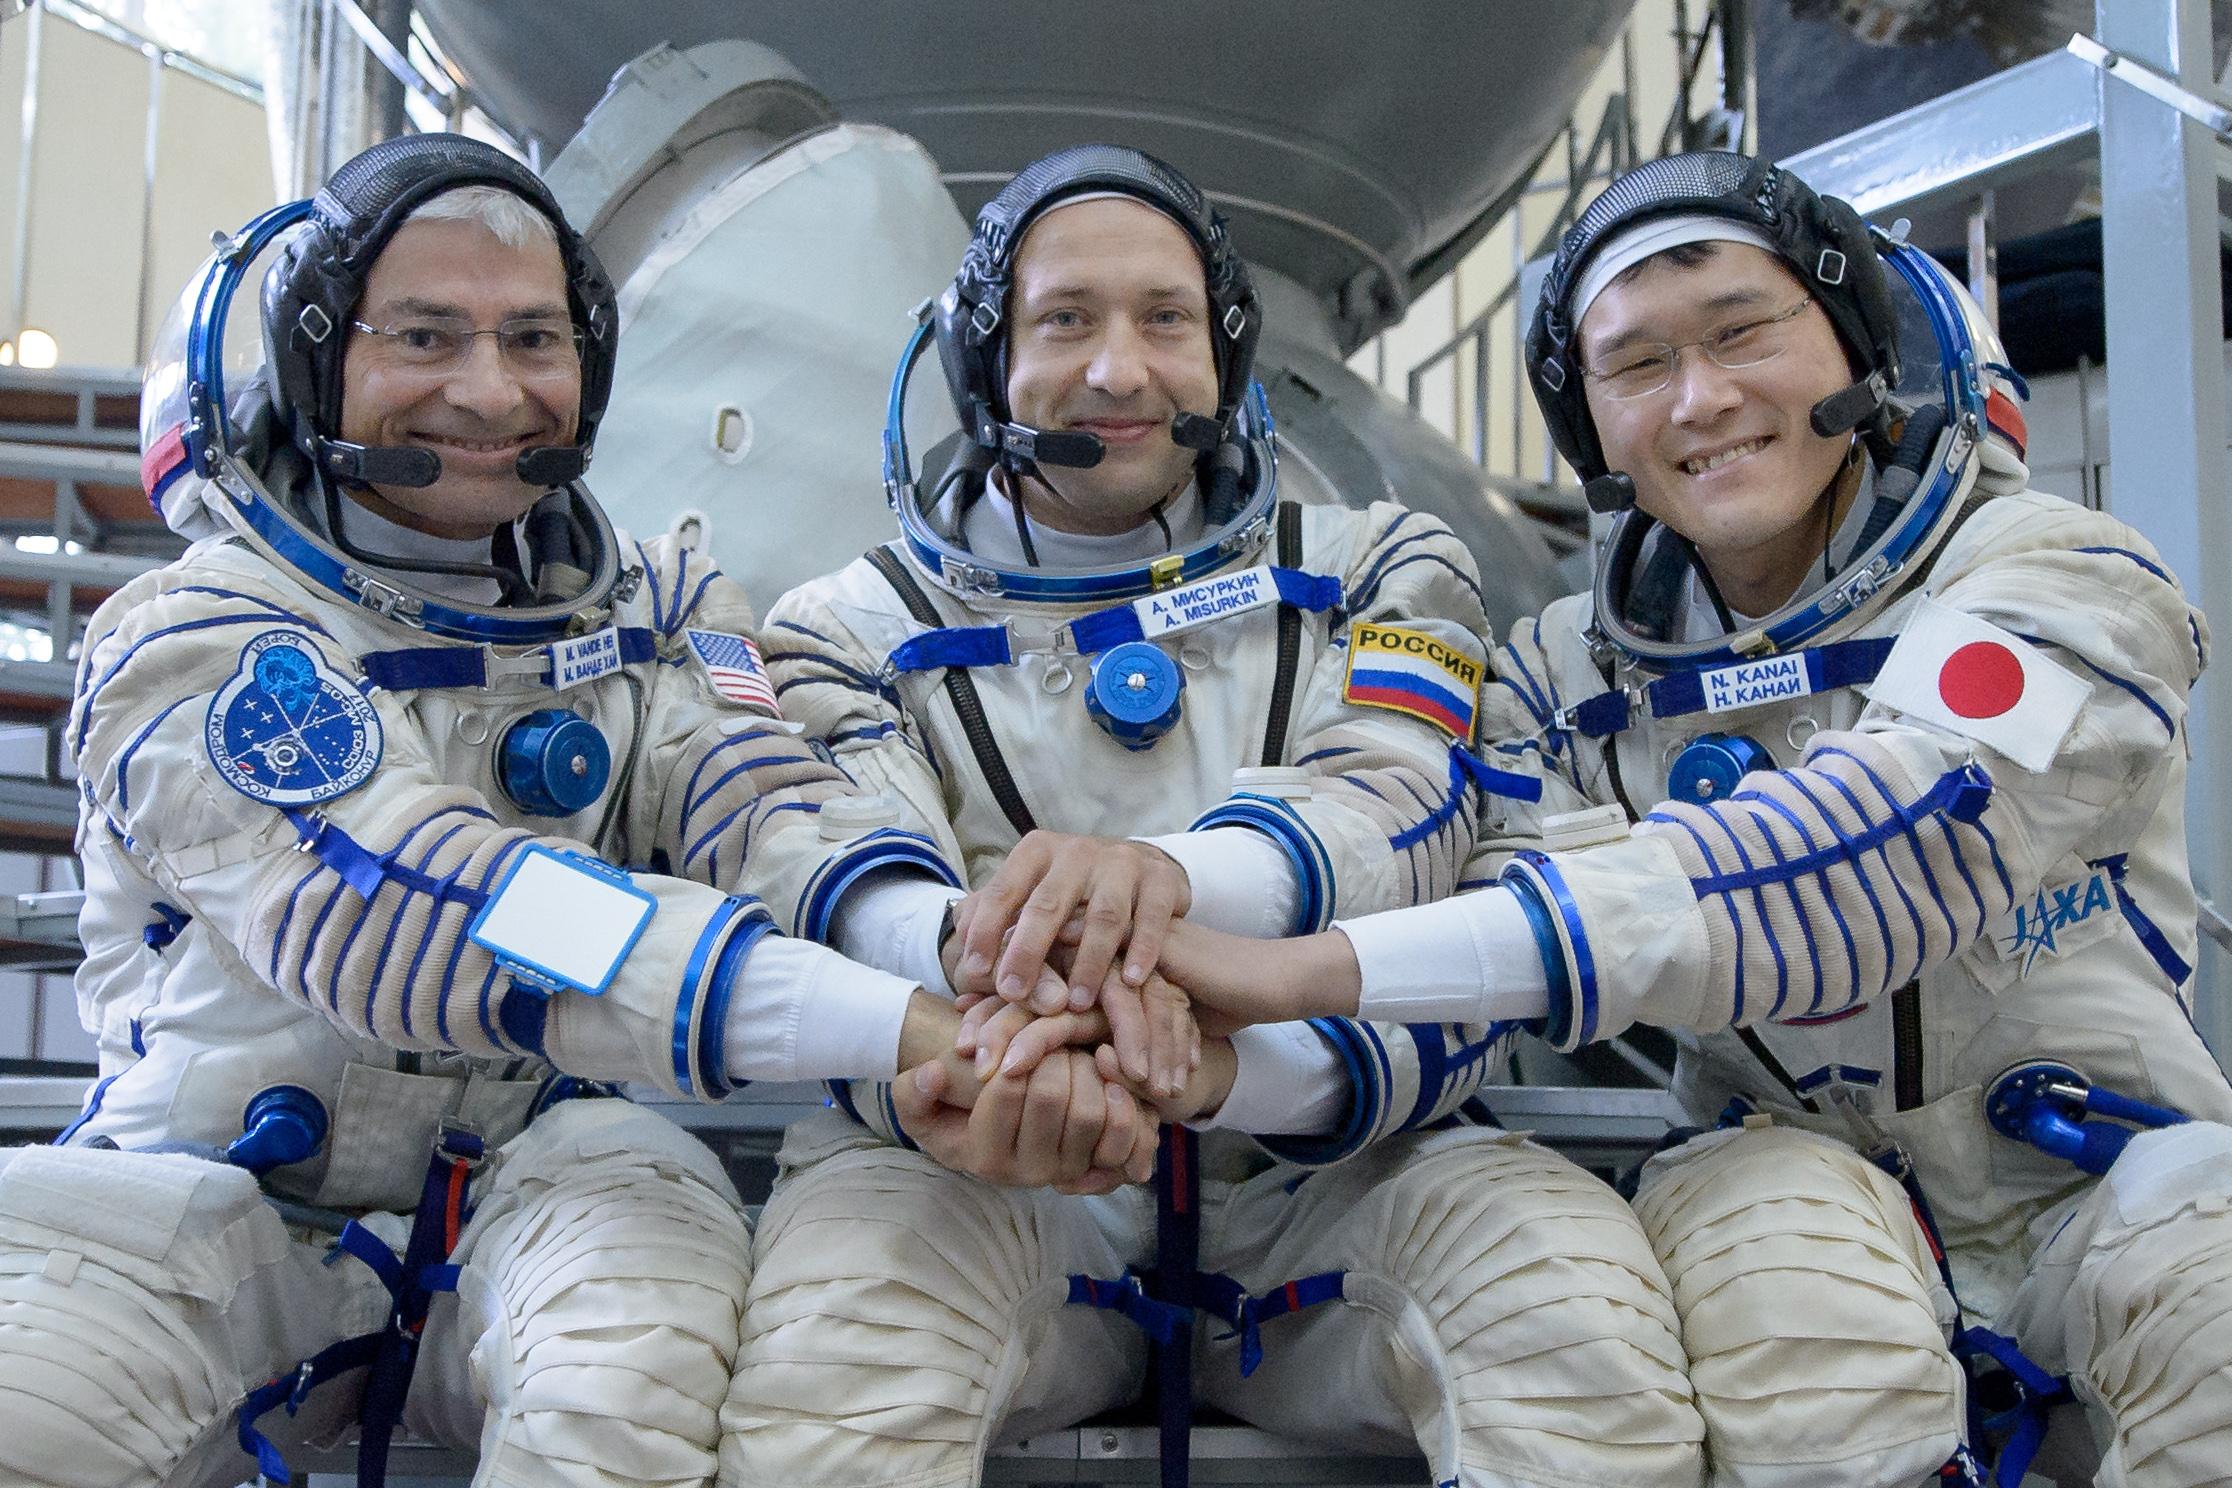 Norishige Kanai (bìa phải, hàng dưới) cùng các đồng nghiệp trên trạm ISS.